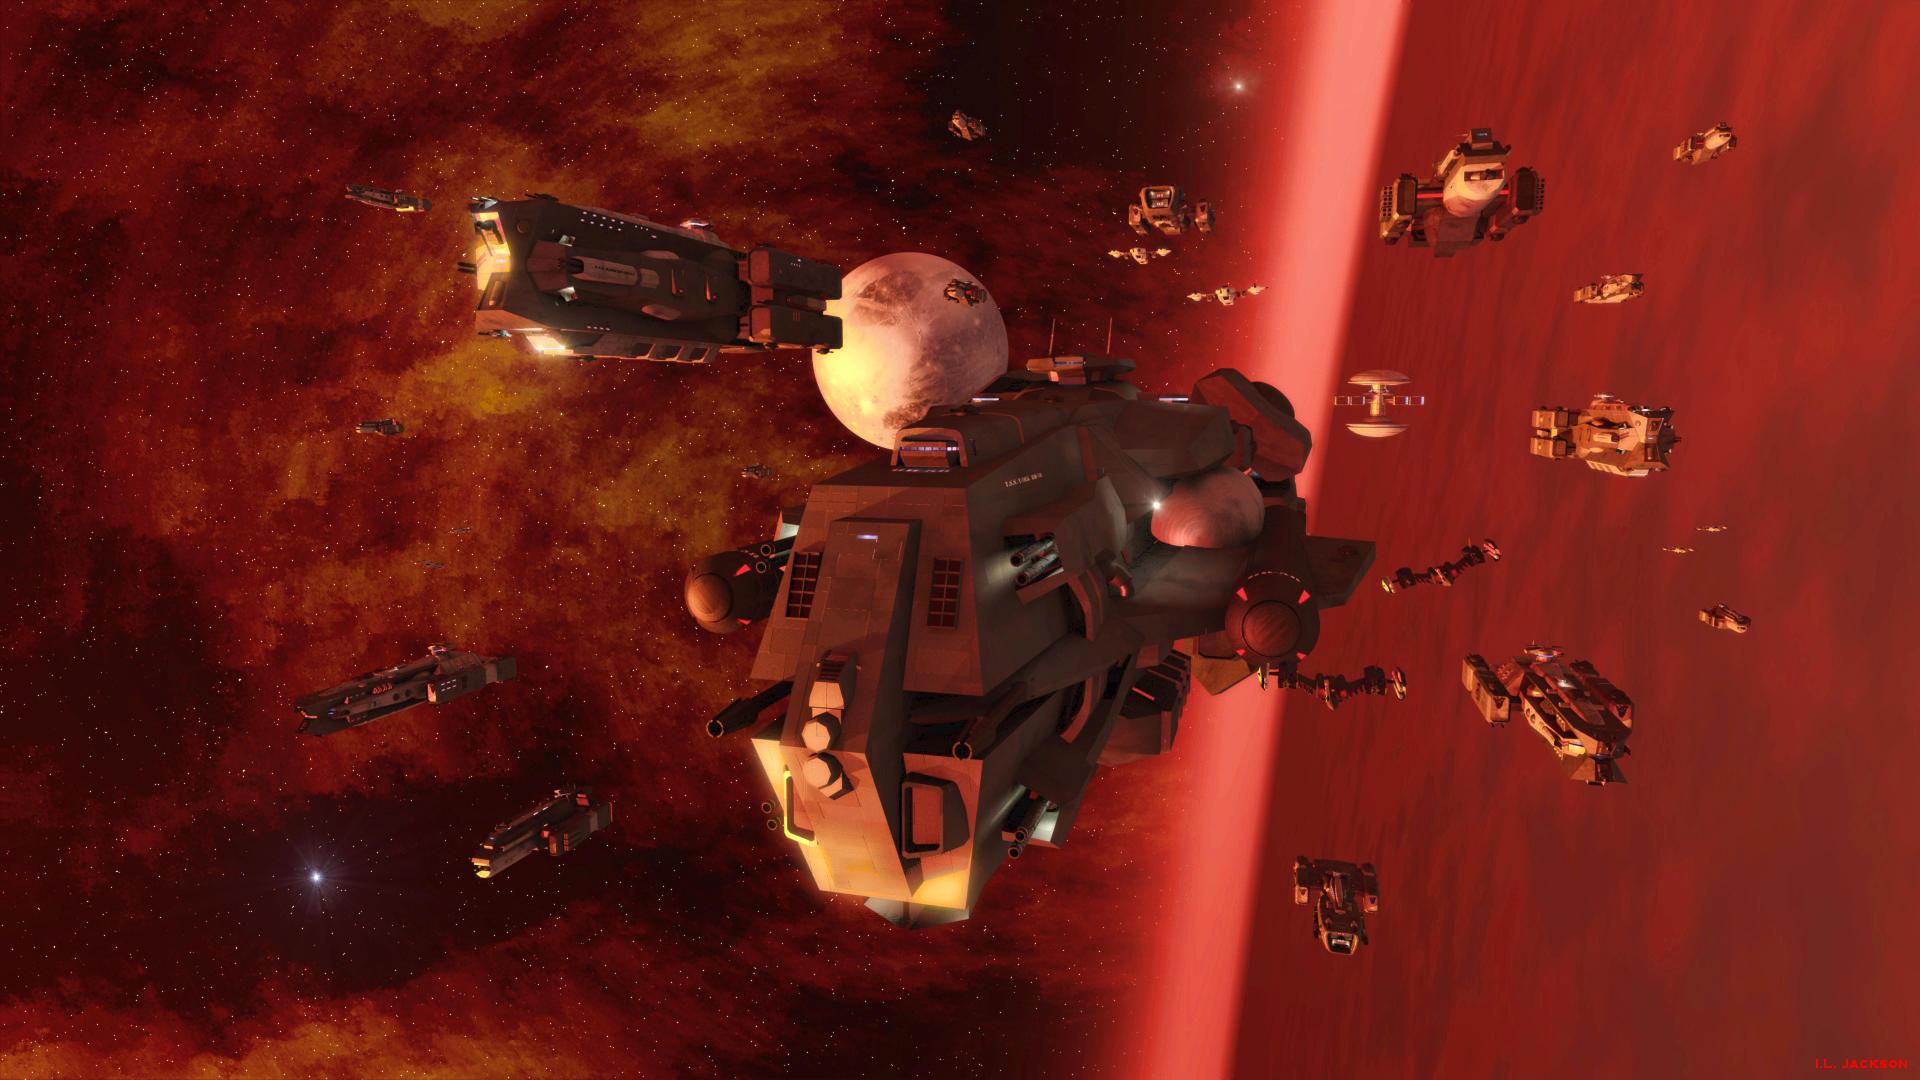 Heavy Assault Taskforce by ILJackson